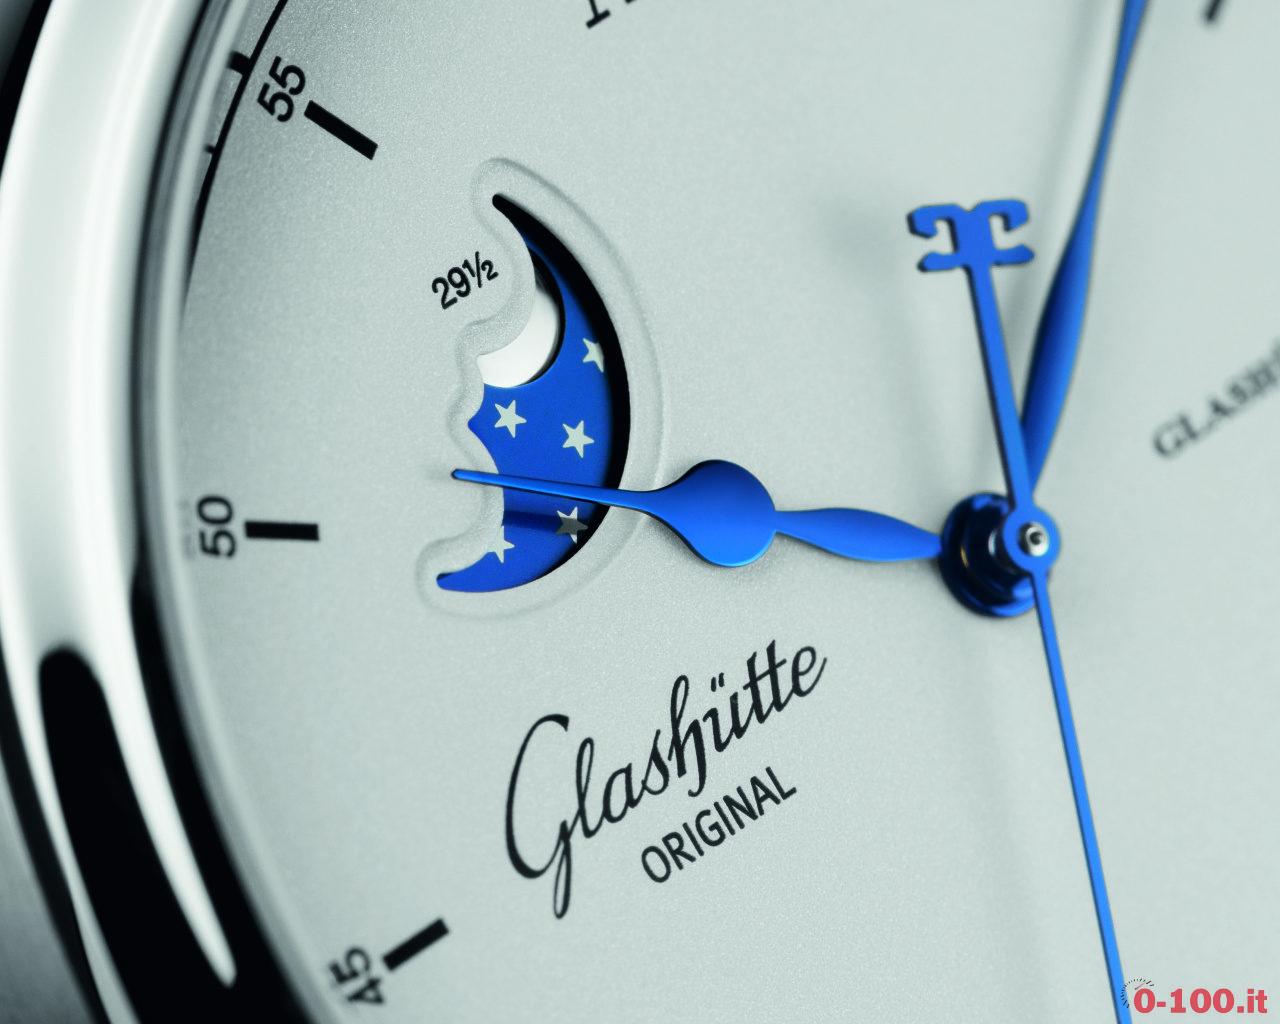 glashutte-original-senator-excellence-data-panoramica-moon-phase-prezzo-price_0-1005